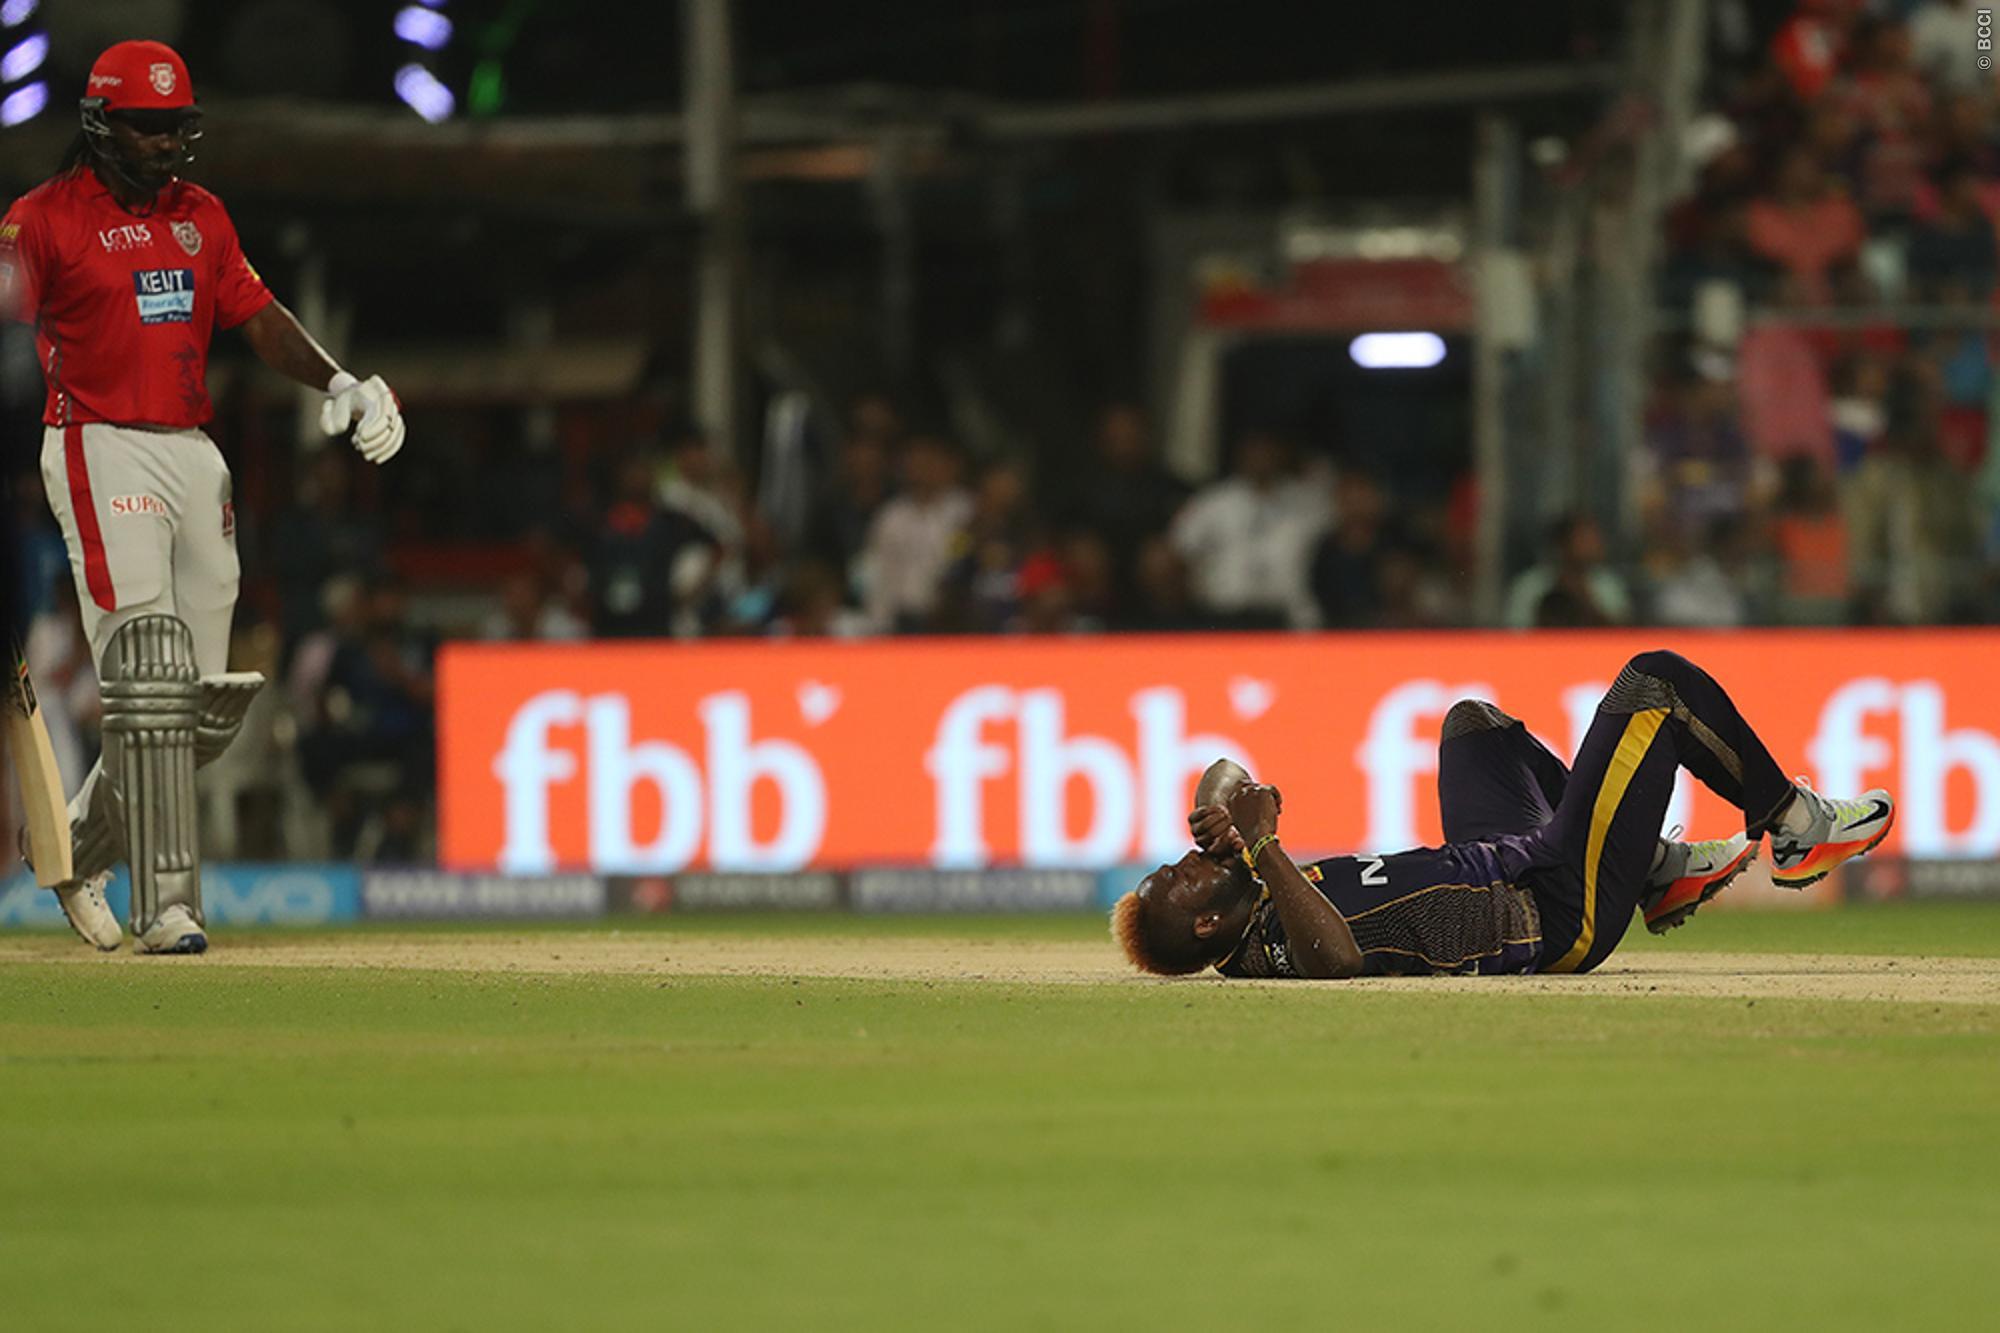 दर्द से कराहते हुए मैदान पर ही लेट गये आंद्रे रसल, तो विरोधी टीम के लोकेश राहुल ने किया कुछ ऐसा जीता करोड़ो लोगो का दिल 2